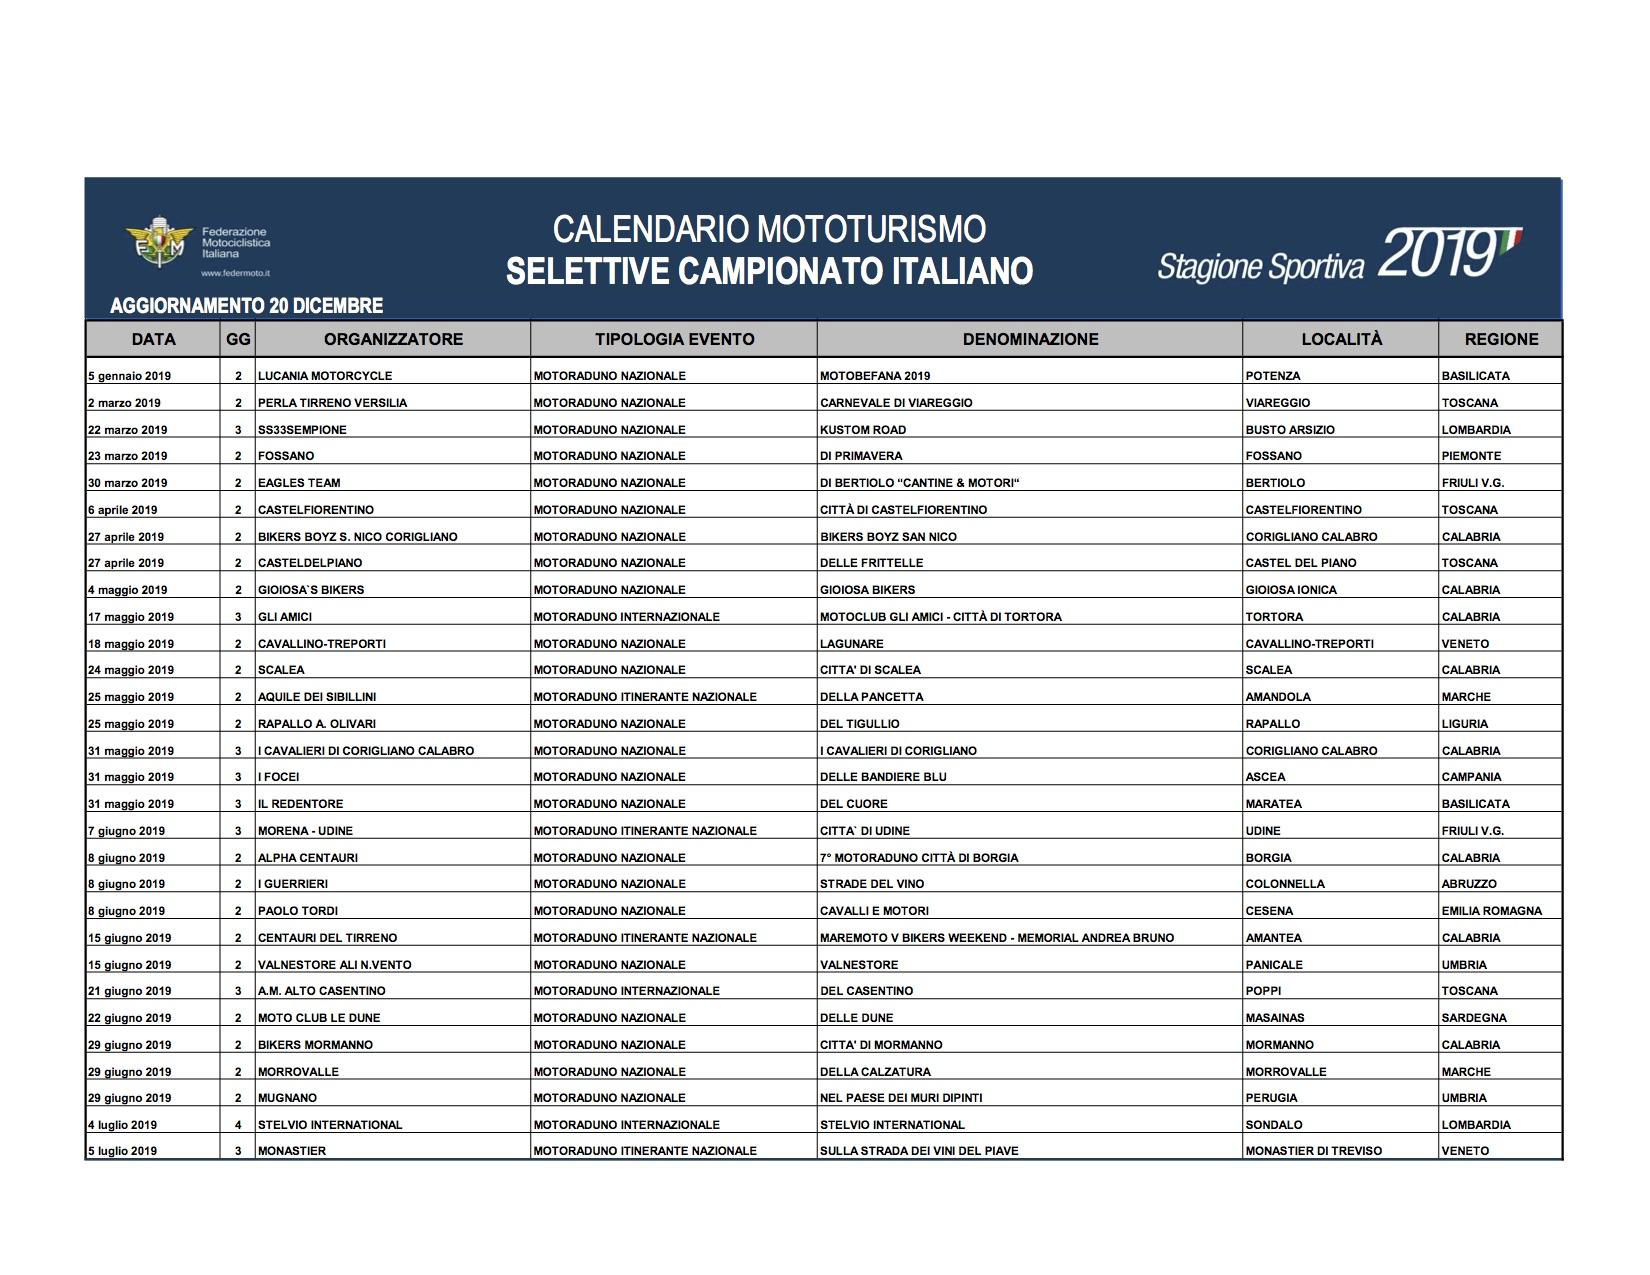 Calendario Selettive Campionato Italiano Turismo 2019